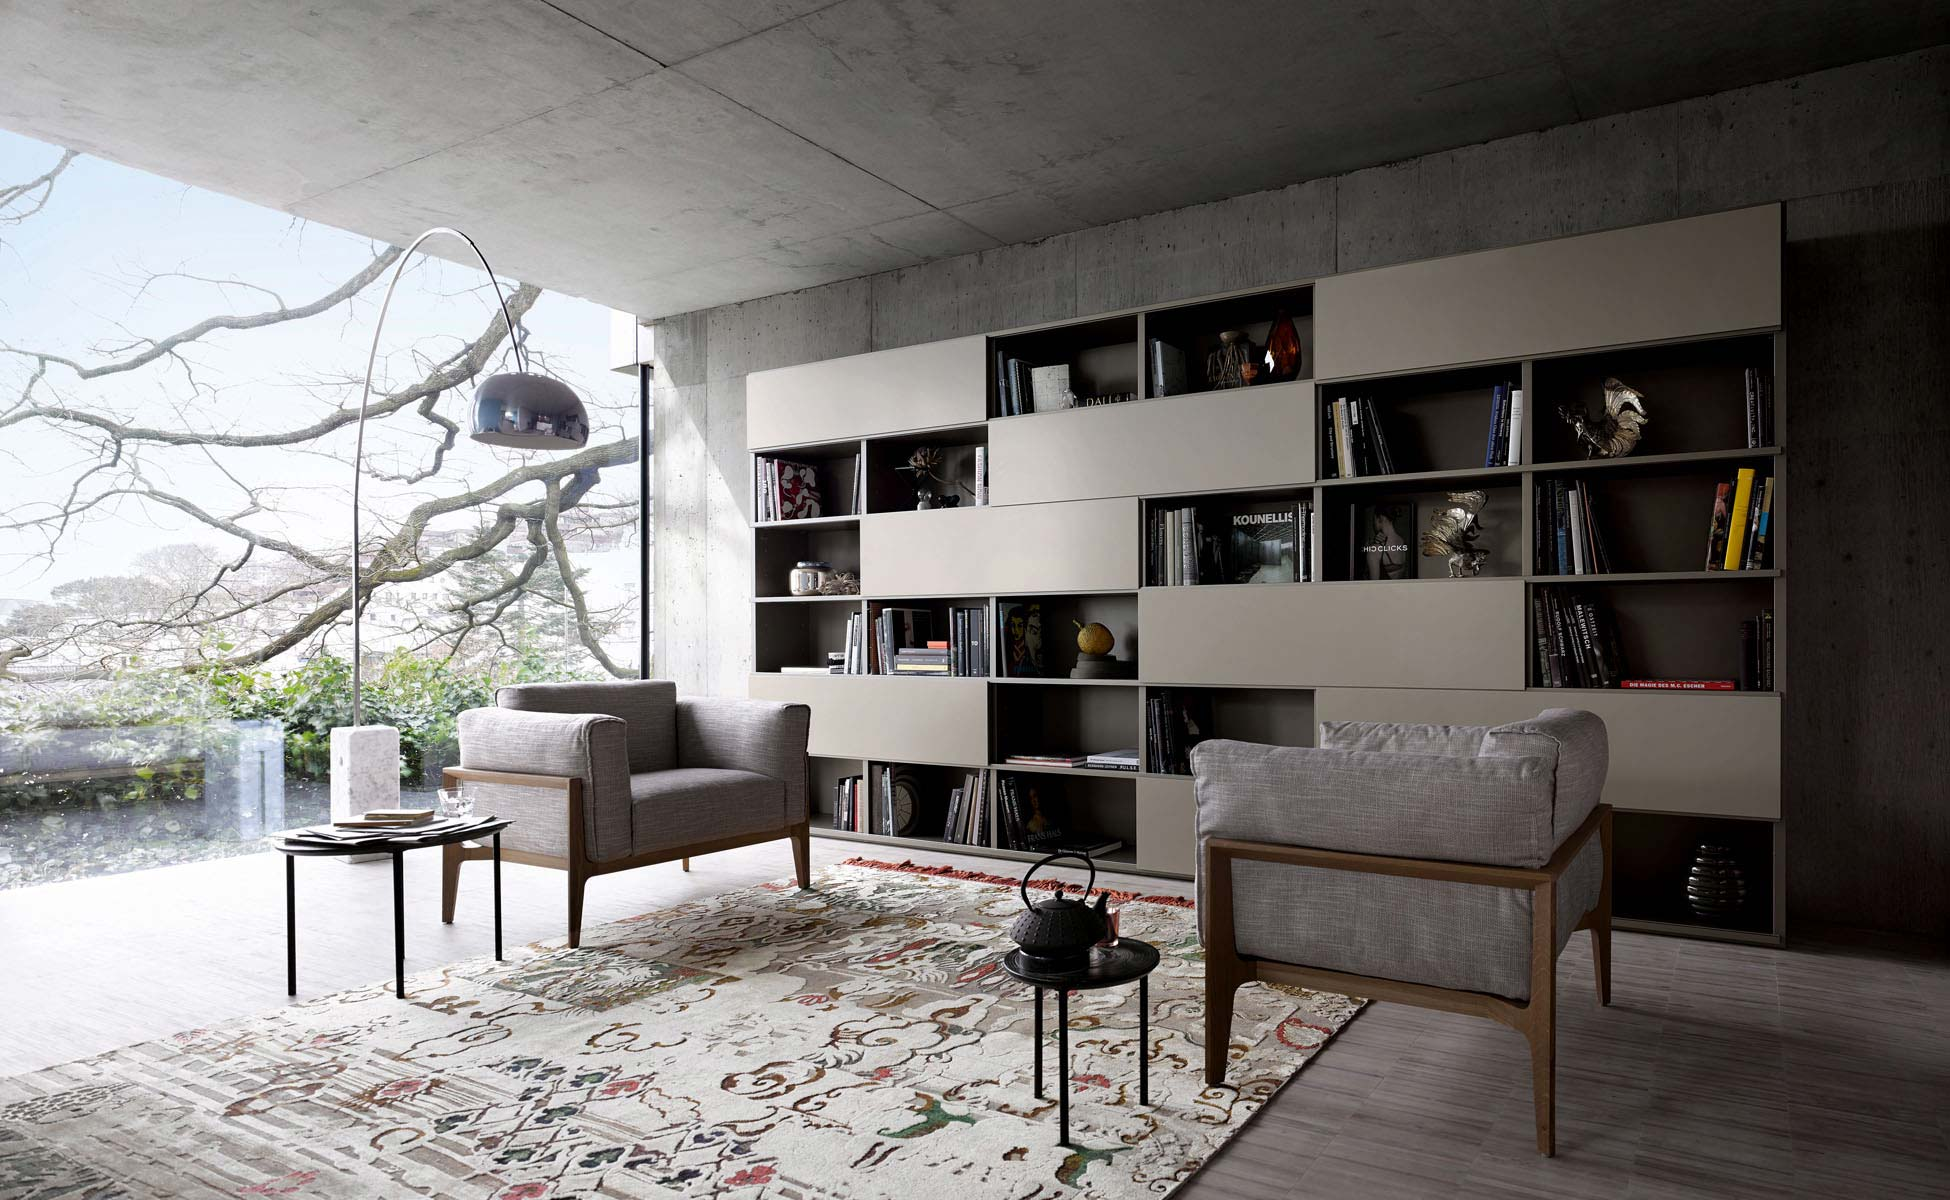 interl bke m bel berlin steidten einrichten mit architekturintelligenz. Black Bedroom Furniture Sets. Home Design Ideas